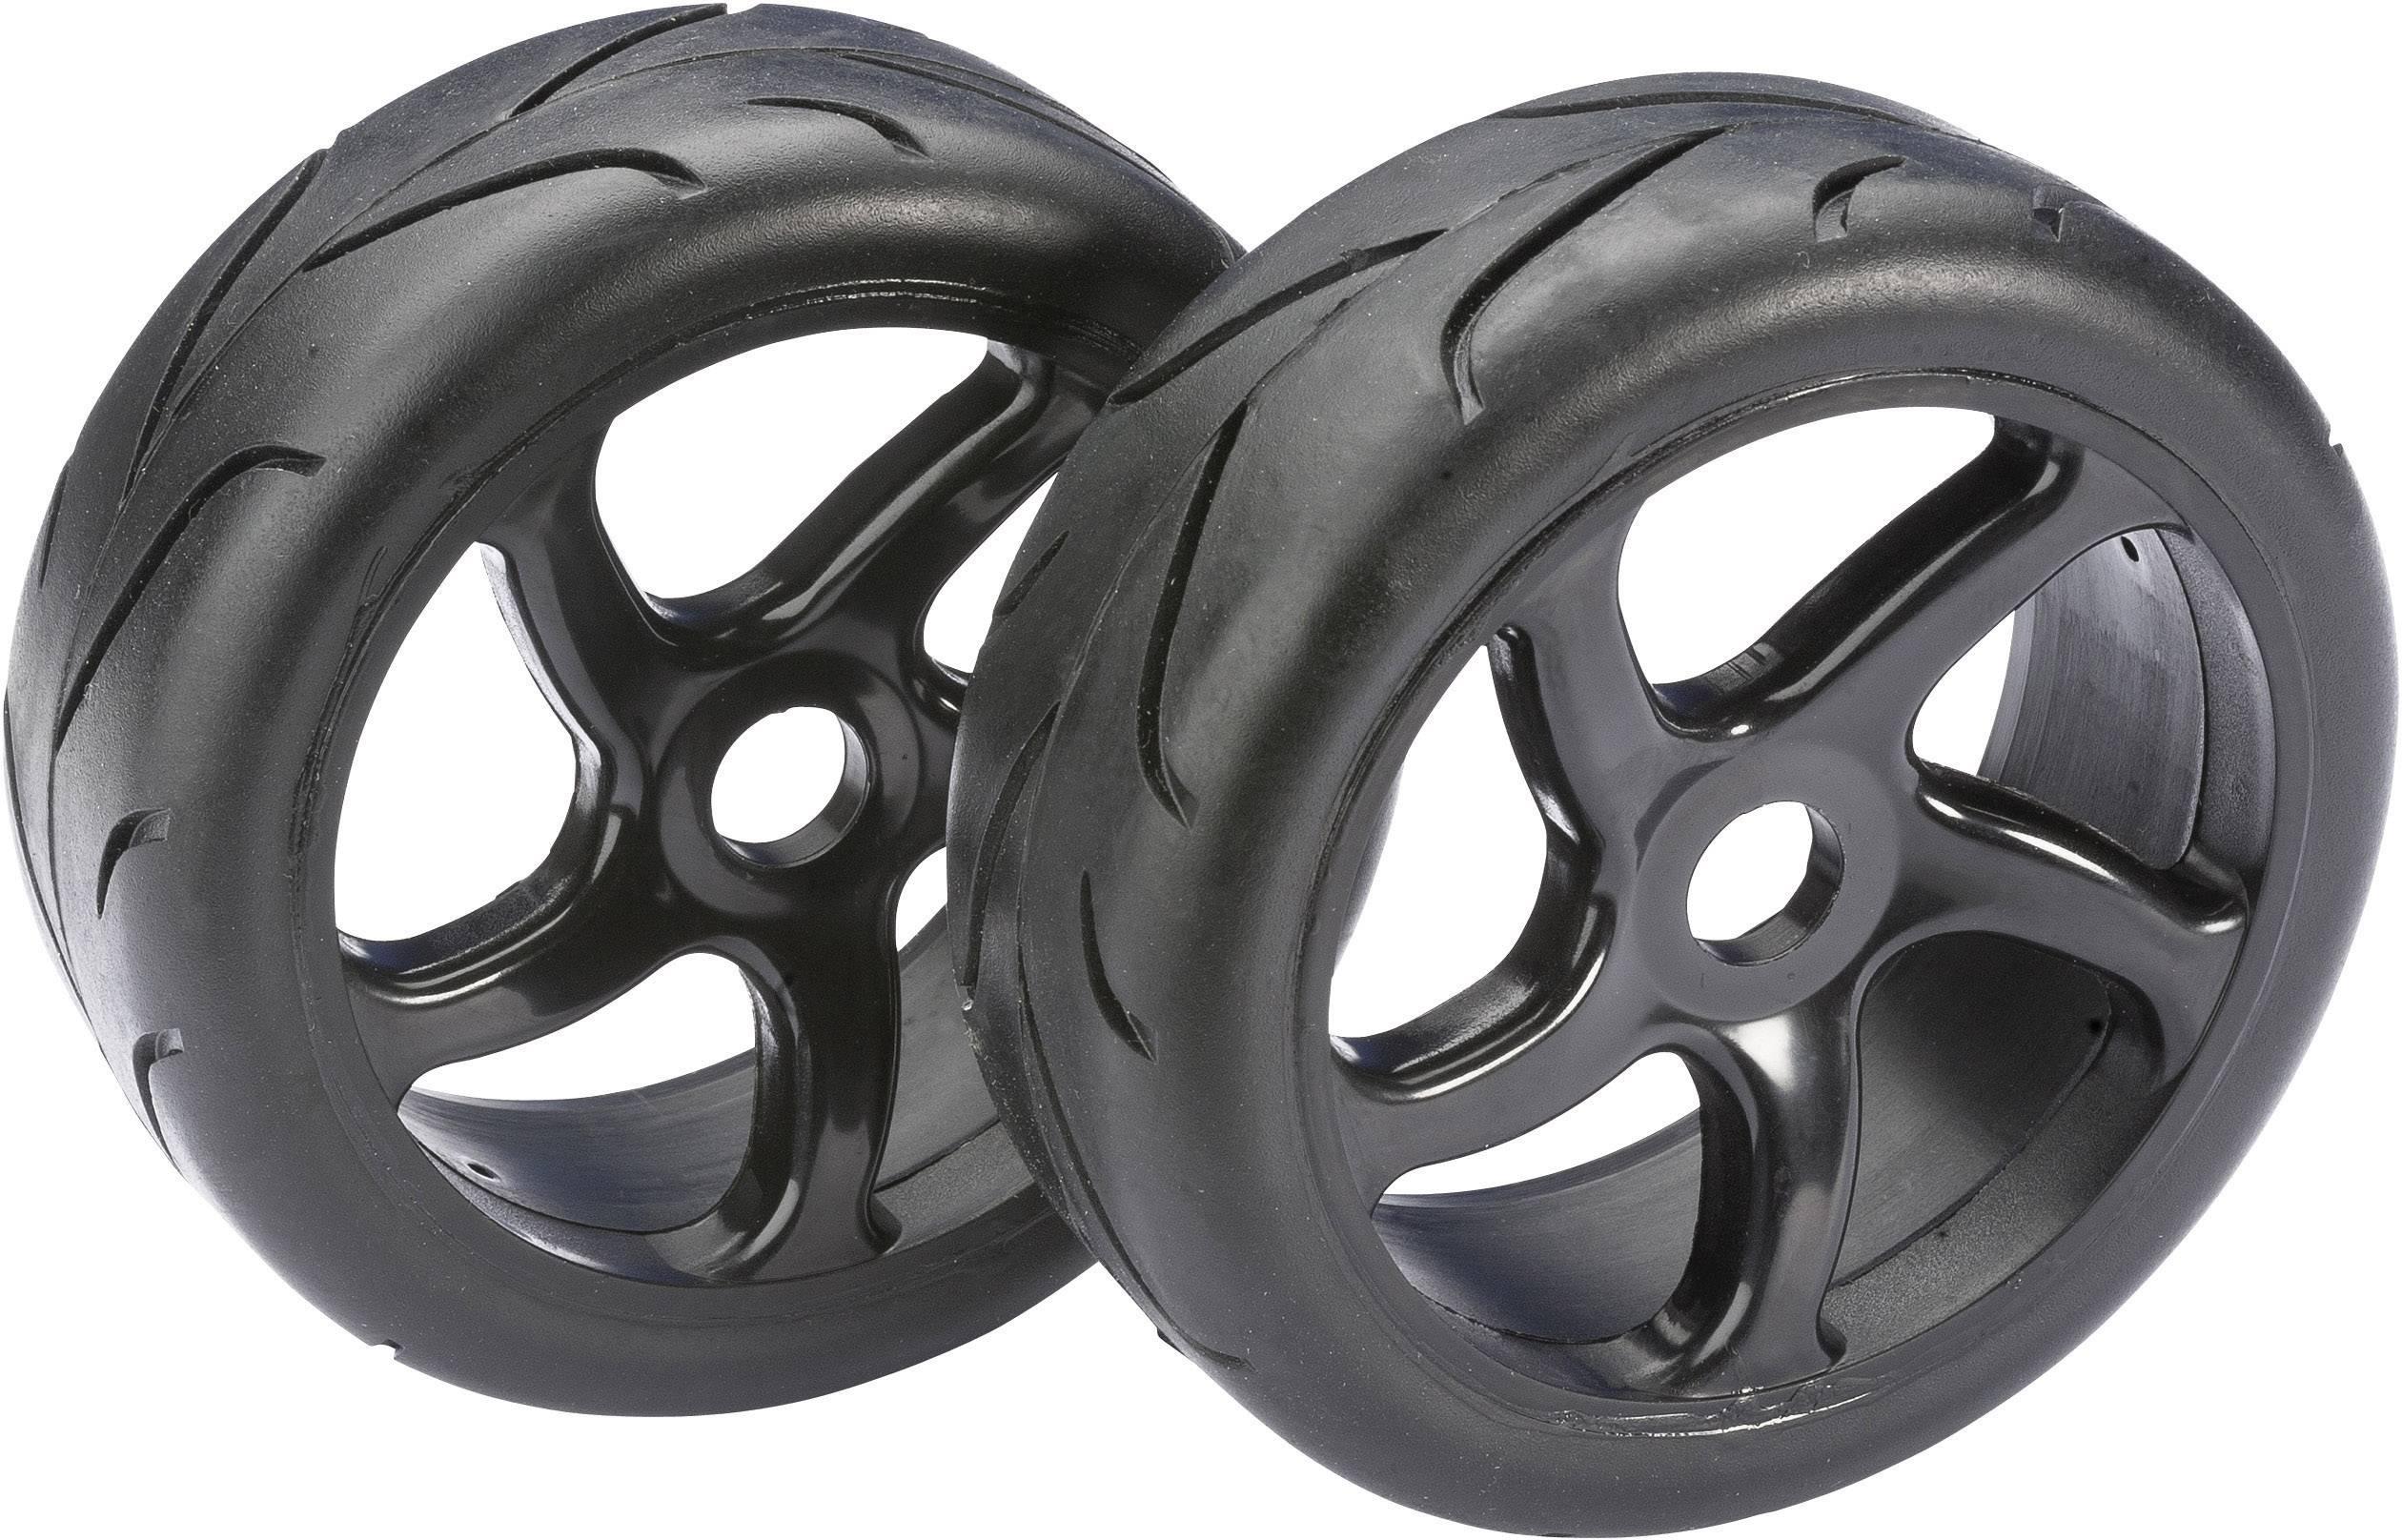 Kompletné kolesá Street Absima 2530001 pre buggy, 110 mm, 1:8, 2 ks, čierna